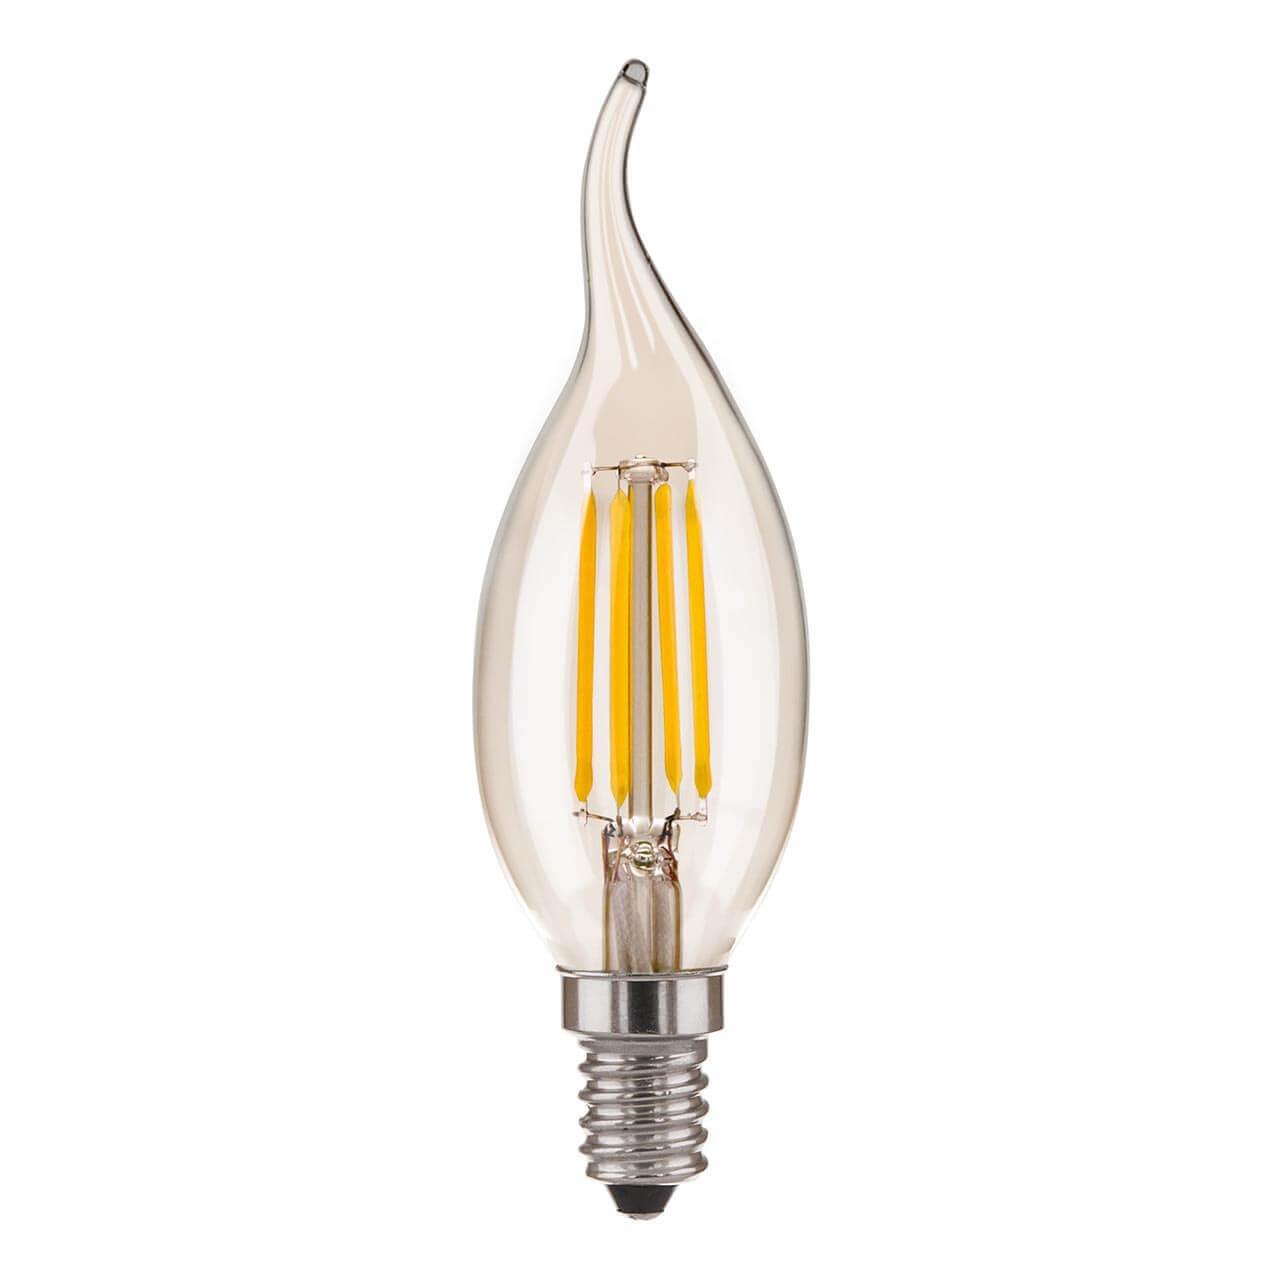 купить Лампа светодиодная филаментная Elektrostandard E14 7W 4200K прозрачная 4690389128363 по цене 143 рублей